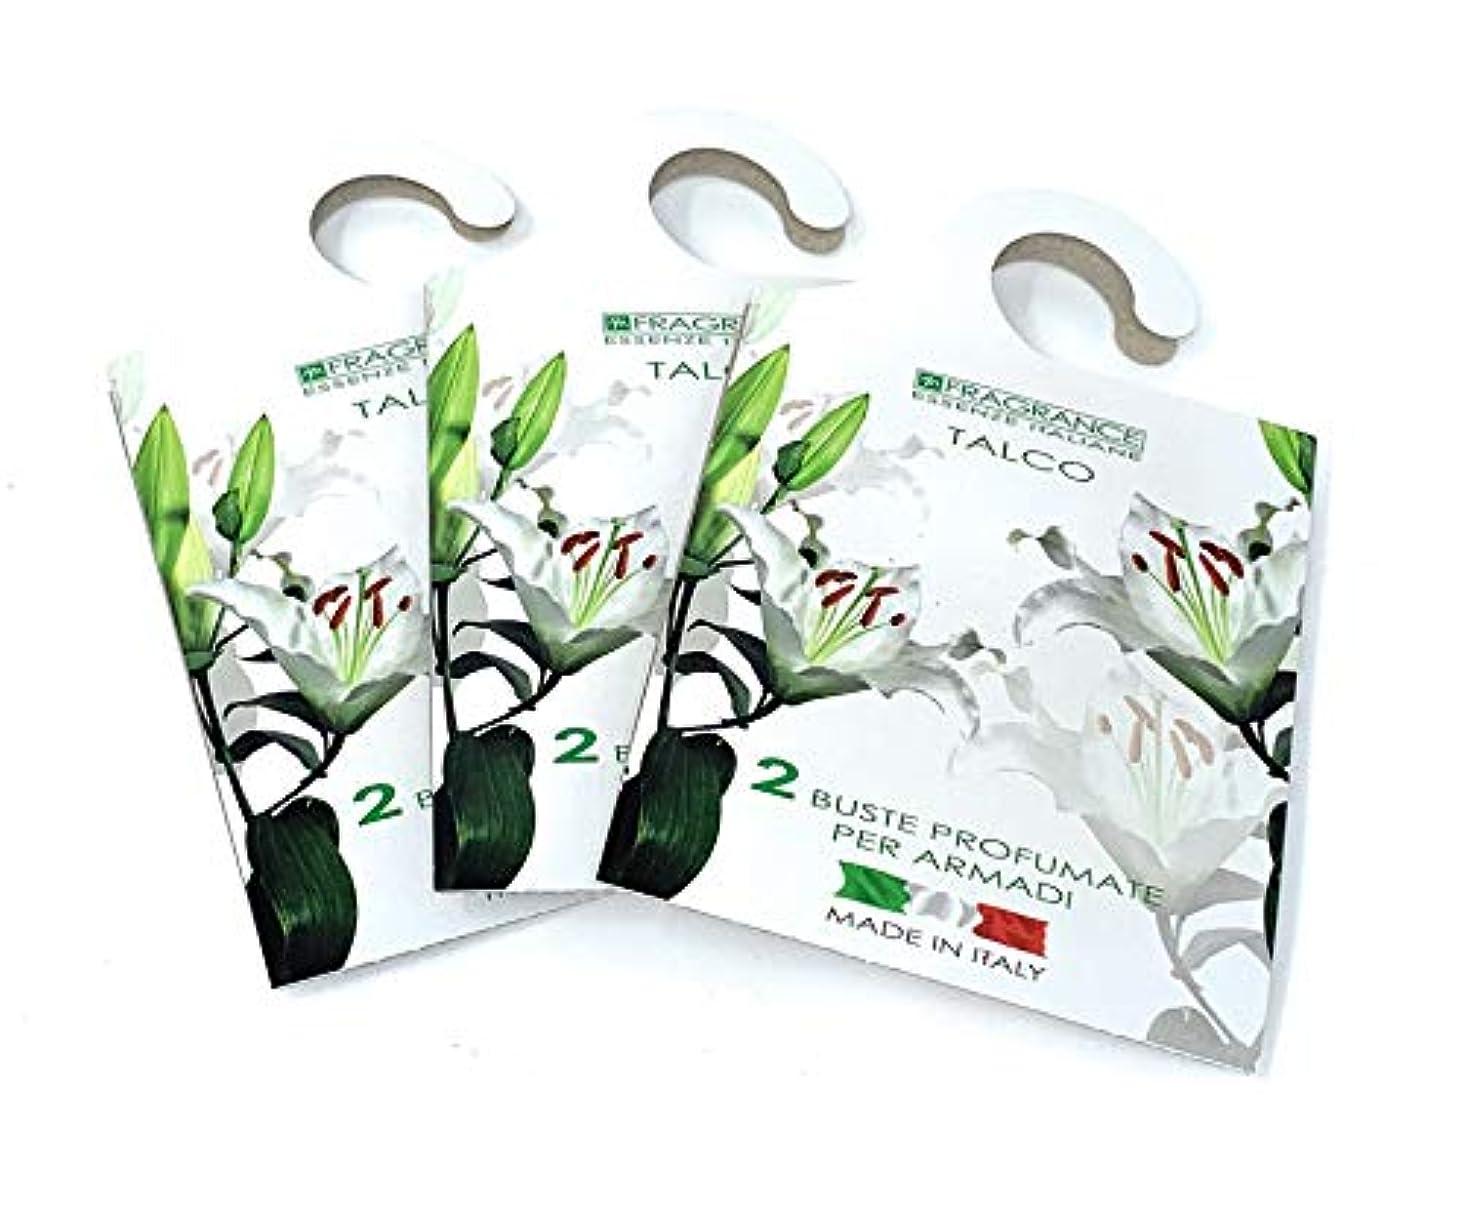 非行統計的ハミングバードMERCURY ITALY 吊り下げるサシェ(香り袋) FIOREALE イタリア製 タルクの香り/TALCO 2枚入り×3パック [並行輸入品]